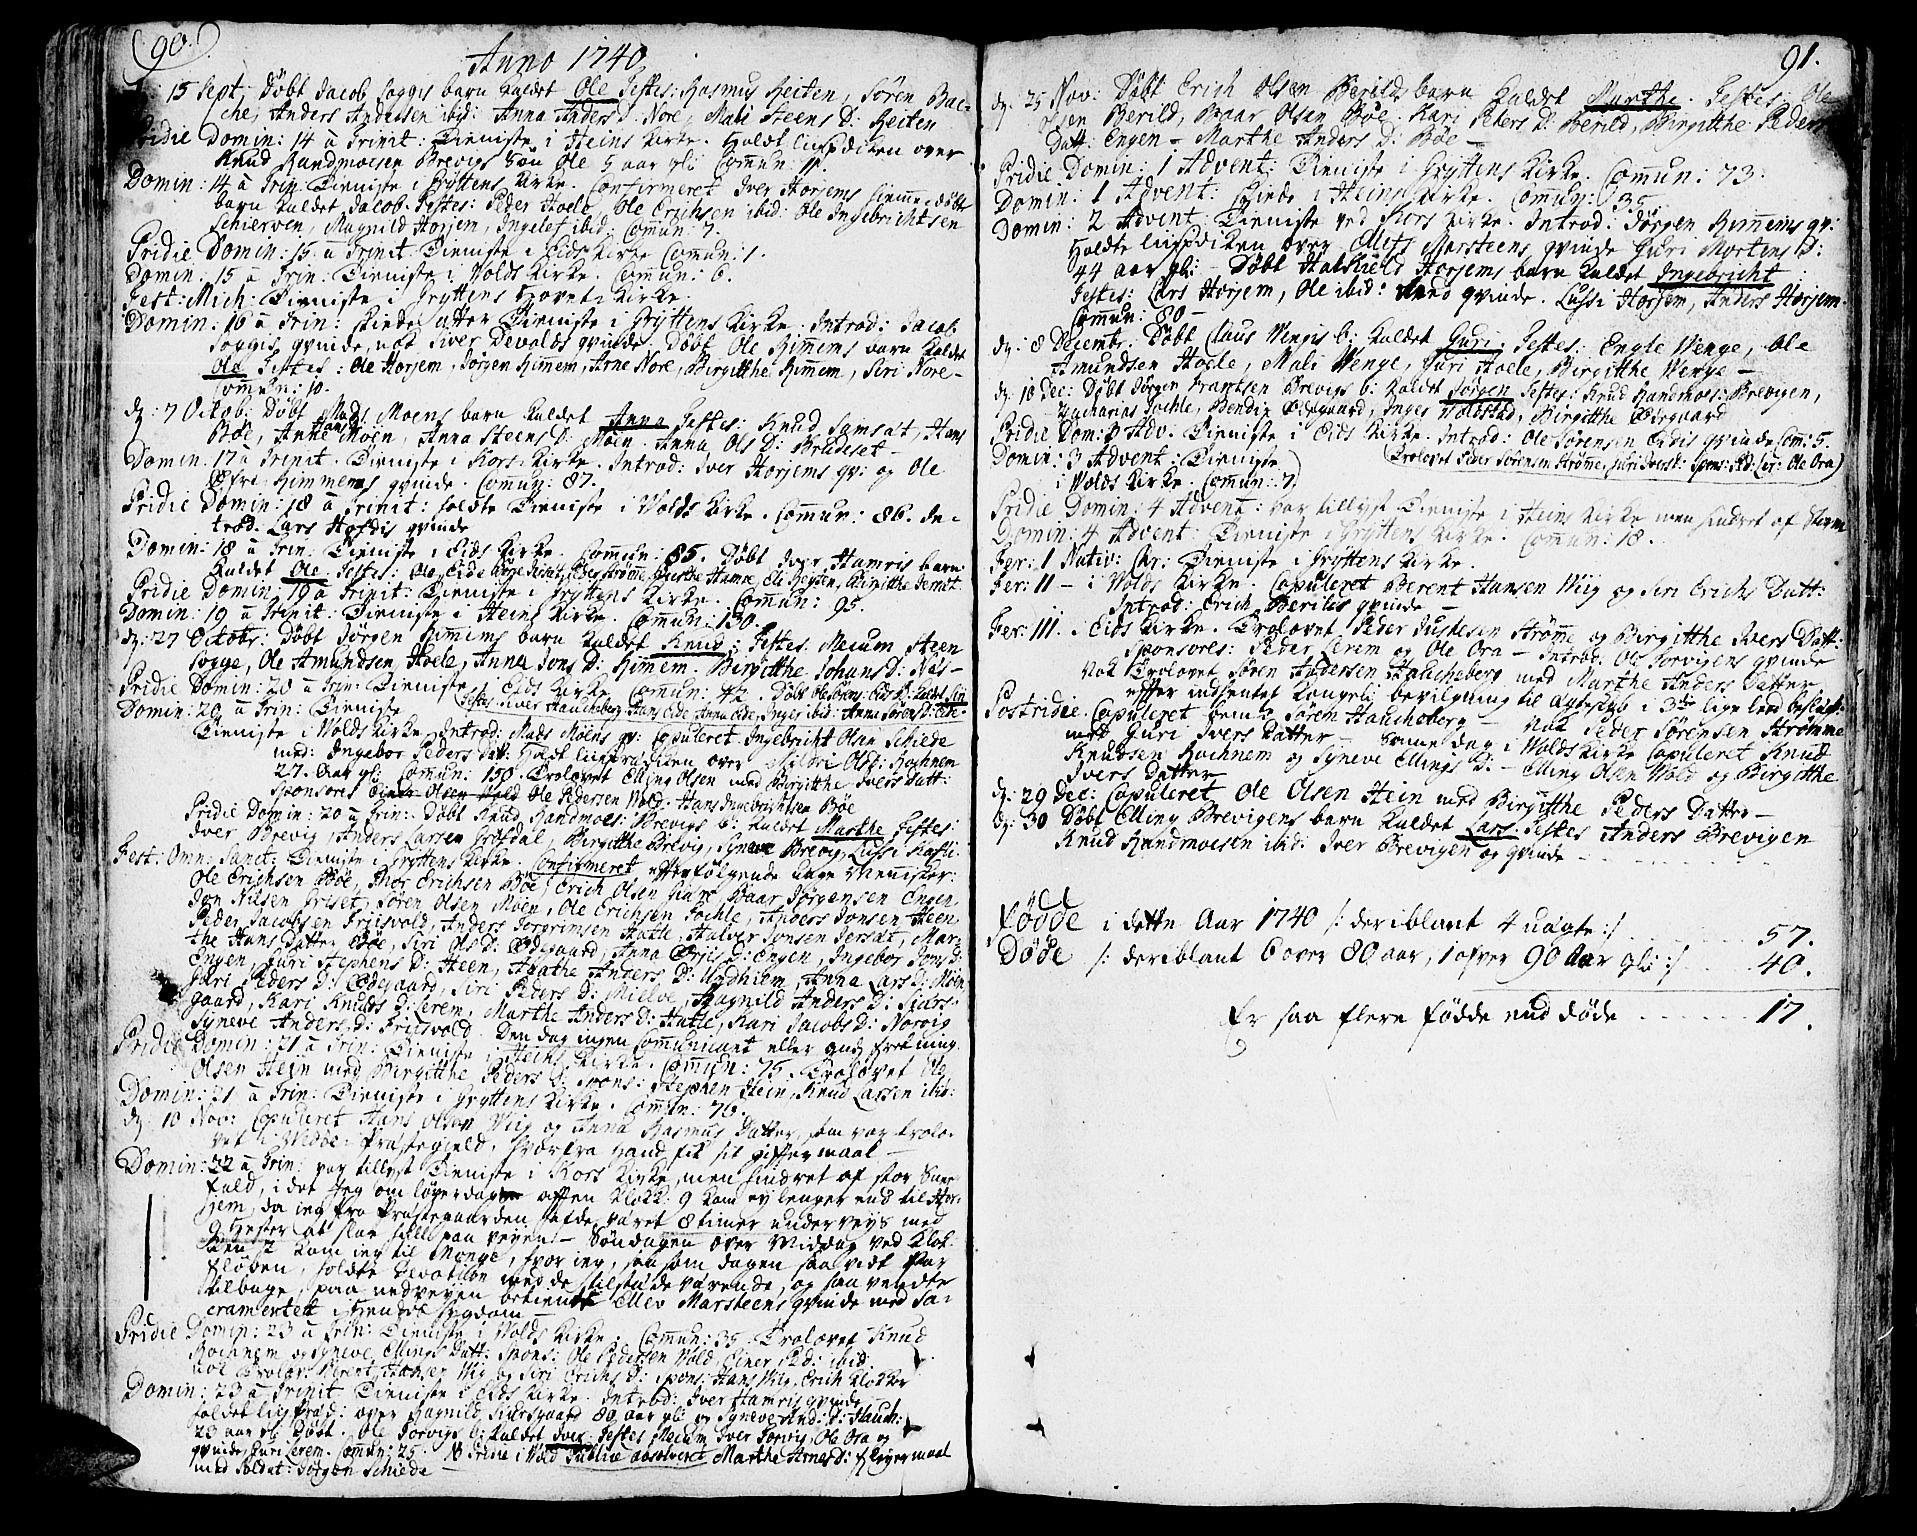 SAT, Ministerialprotokoller, klokkerbøker og fødselsregistre - Møre og Romsdal, 544/L0568: Ministerialbok nr. 544A01, 1725-1763, s. 90-91